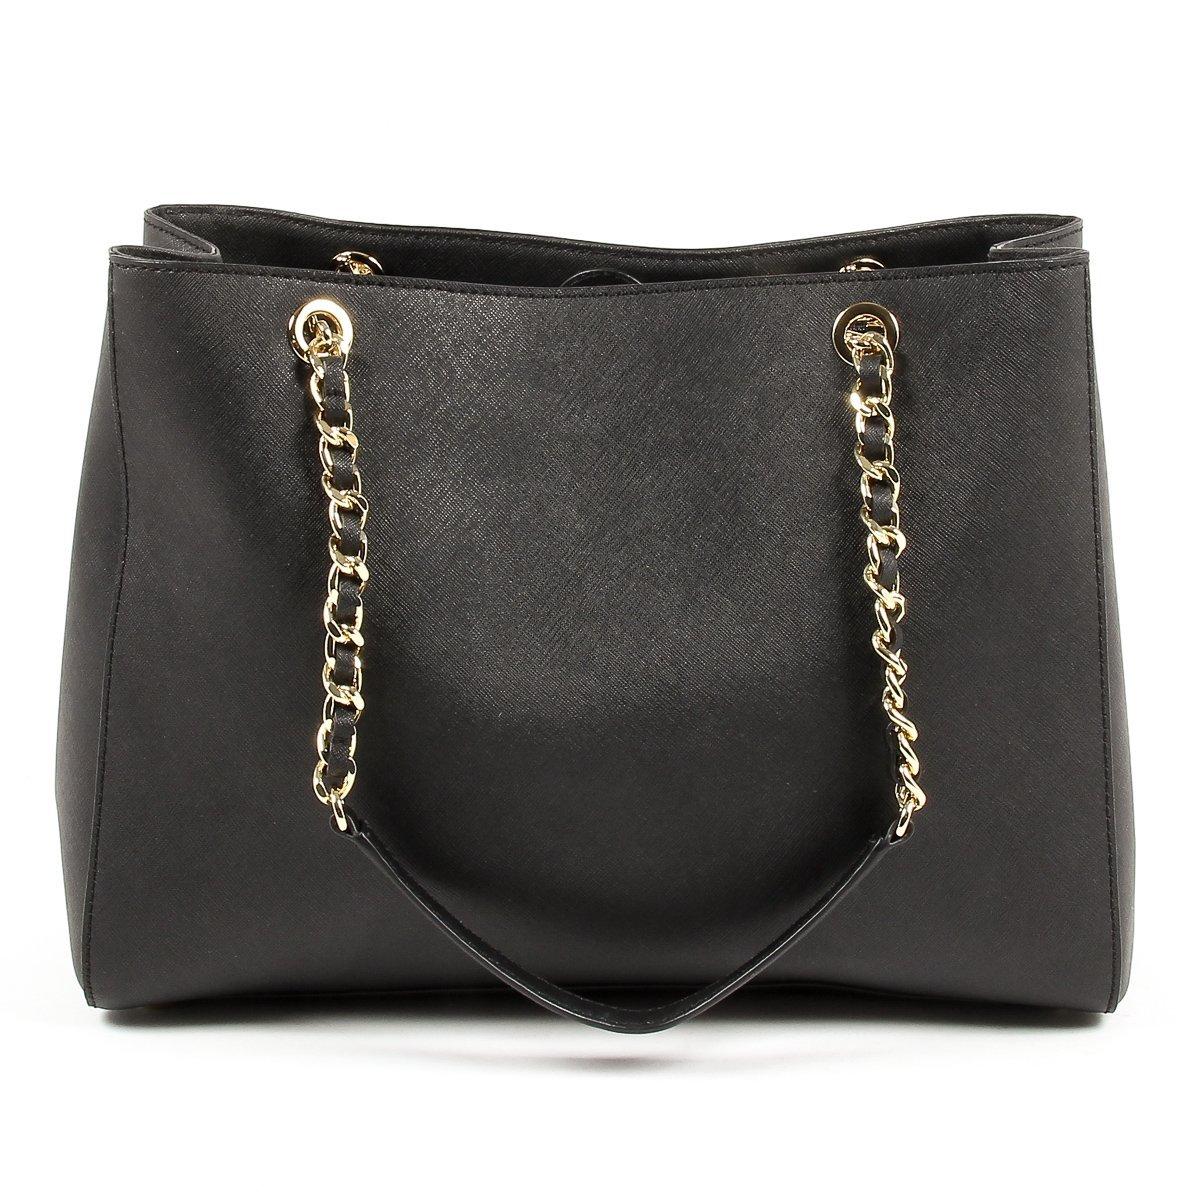 8901917f777ce9 Amazon.com: Michael Kors Susannah Ladies Large Leather Tote Handbag  35H6GAHT7L001: Watches